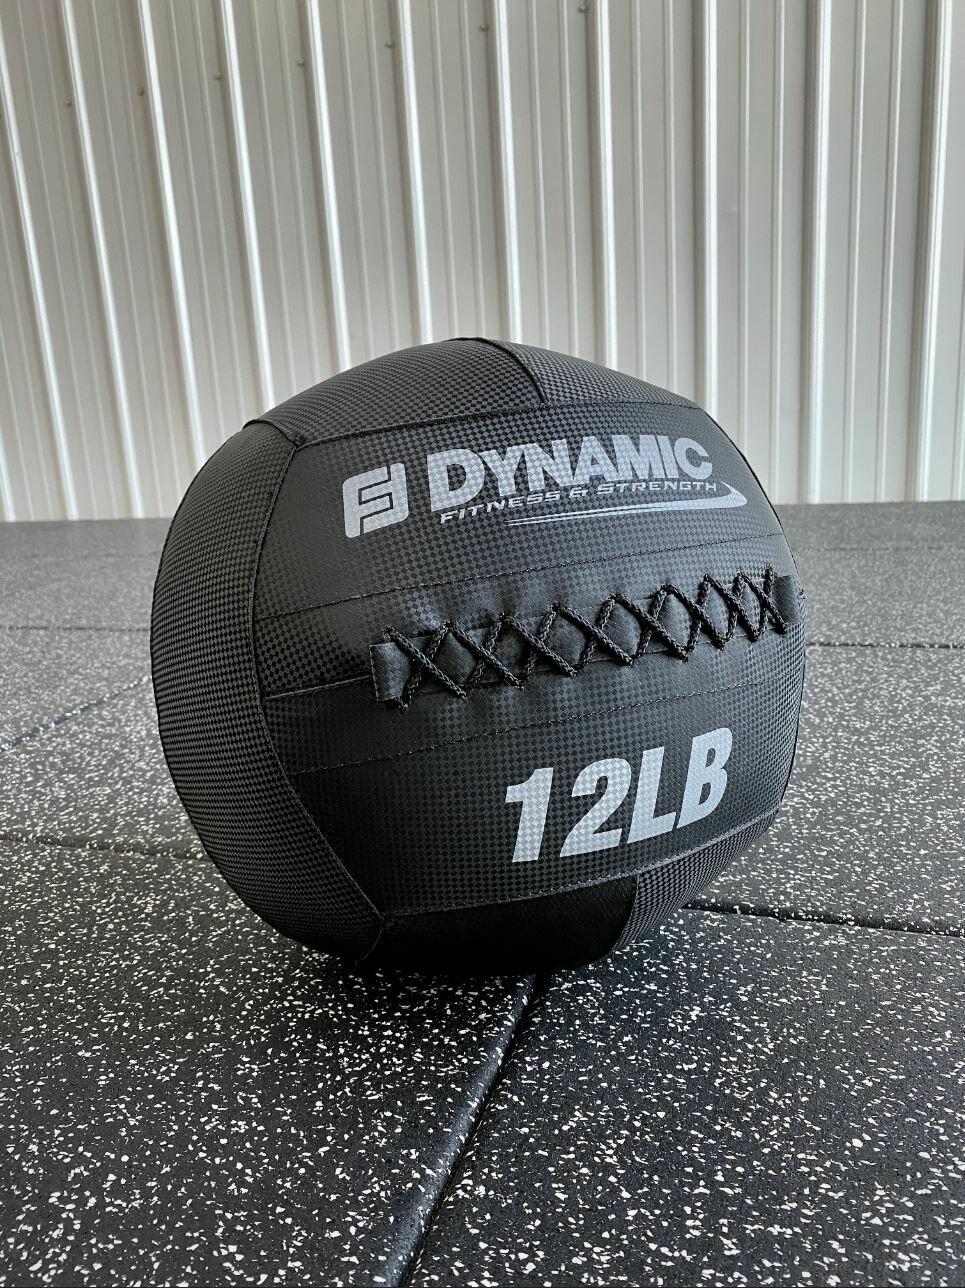 10LB Wall Ball